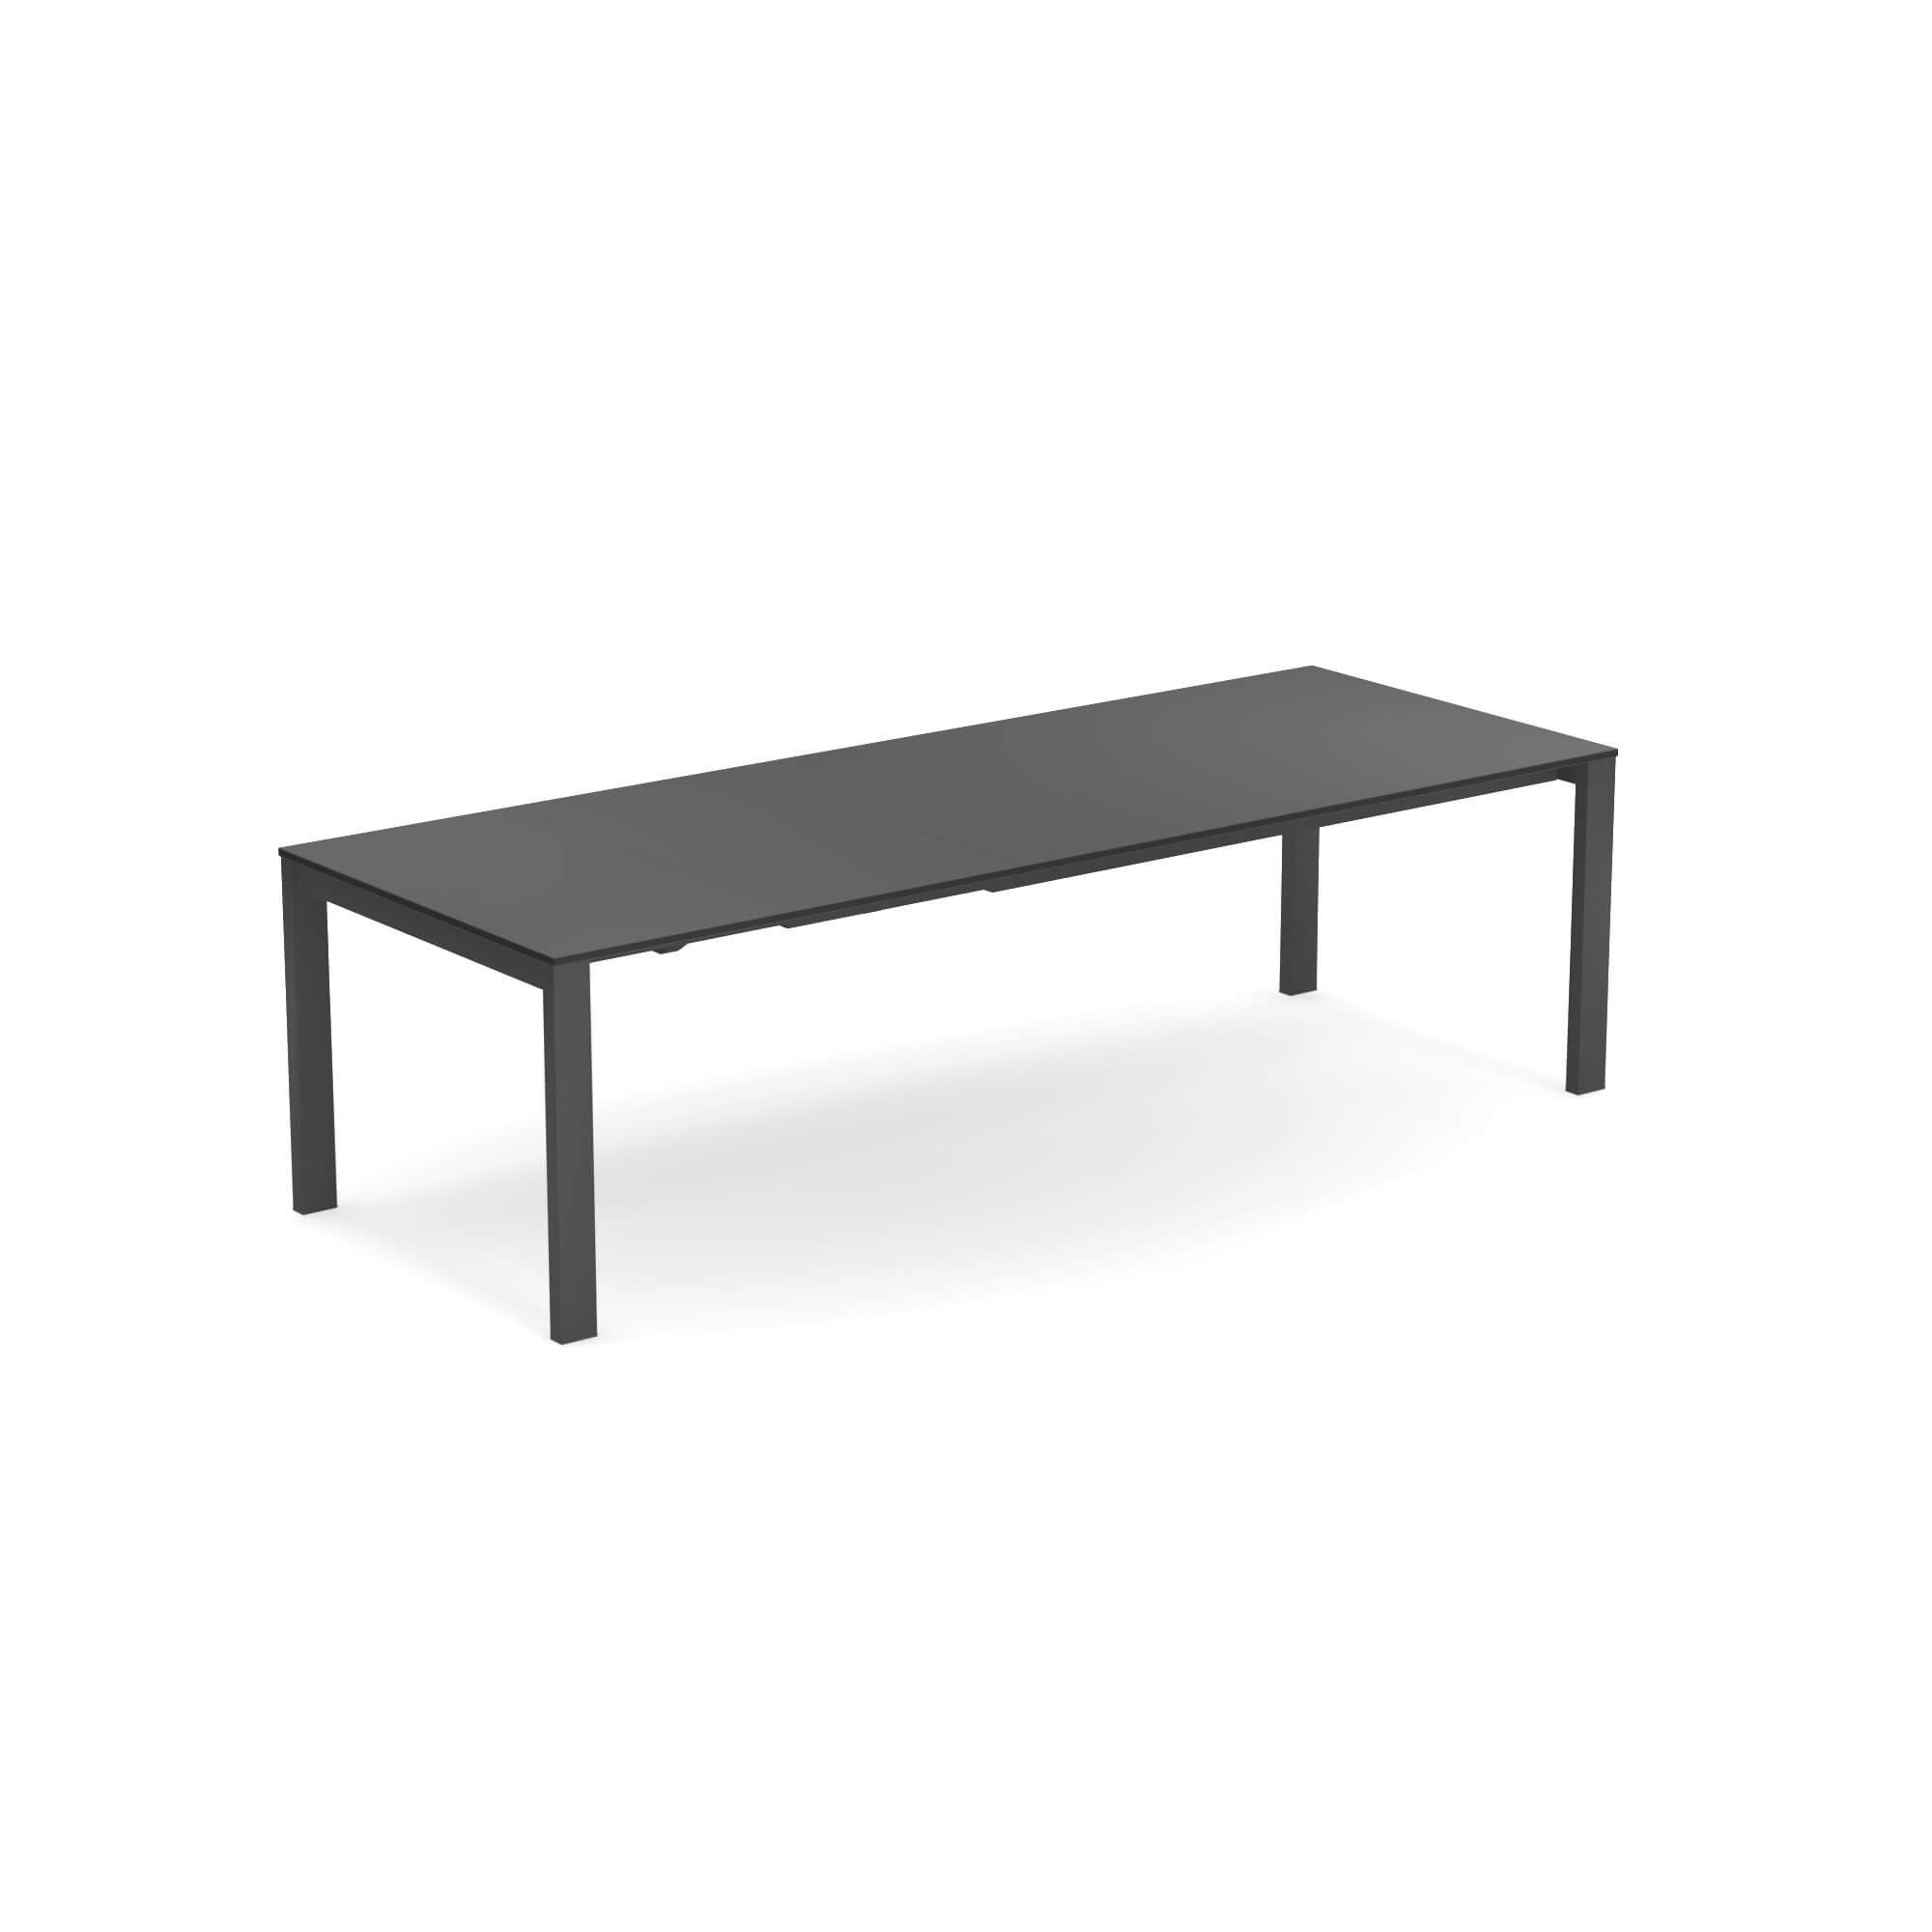 Tavolo Rotondo Allungabile Da Giardino.Tavolo Allungabile Piano In Hpl 160 54 54x100 Da Giardino Esterno